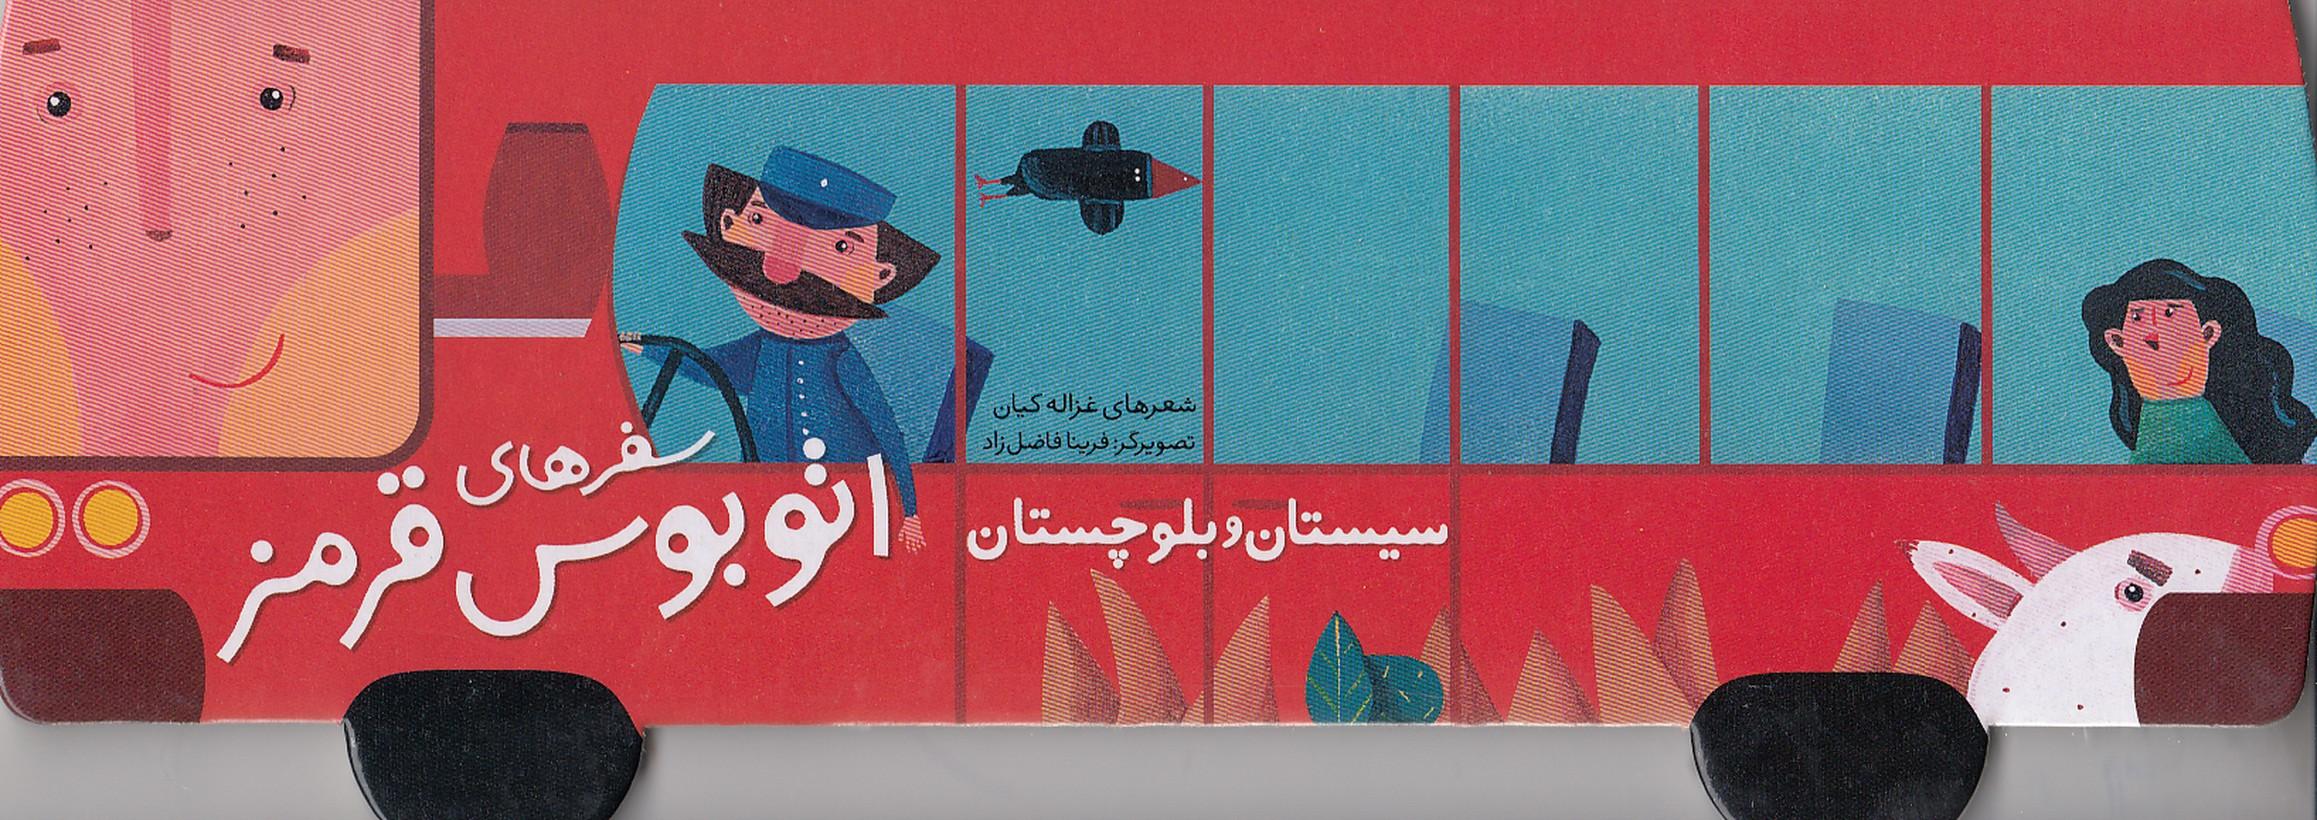 سفرهاي-اتوبوس-قرمز---سيستان-و-بلوچستان-(شهرقلم)-پالتويي-سخت